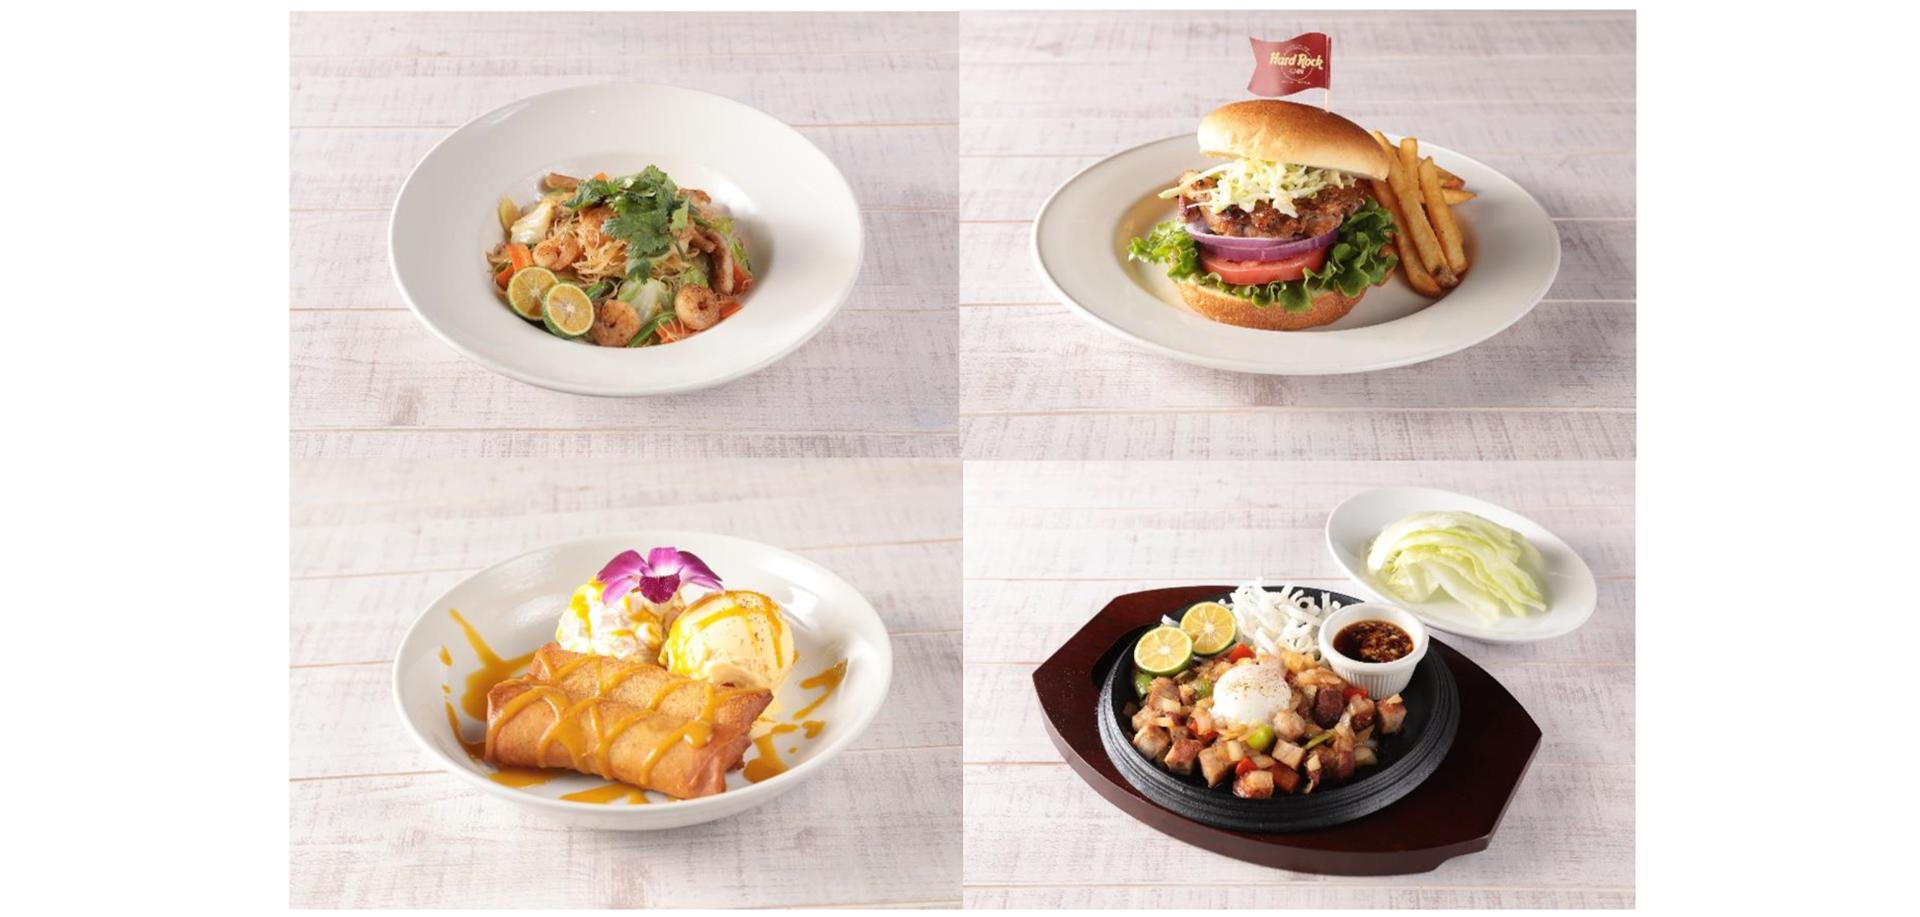 ハードロックカフェ 東京&トニーローマ東京コラボ「 期間限定フィリピン伝統料理」